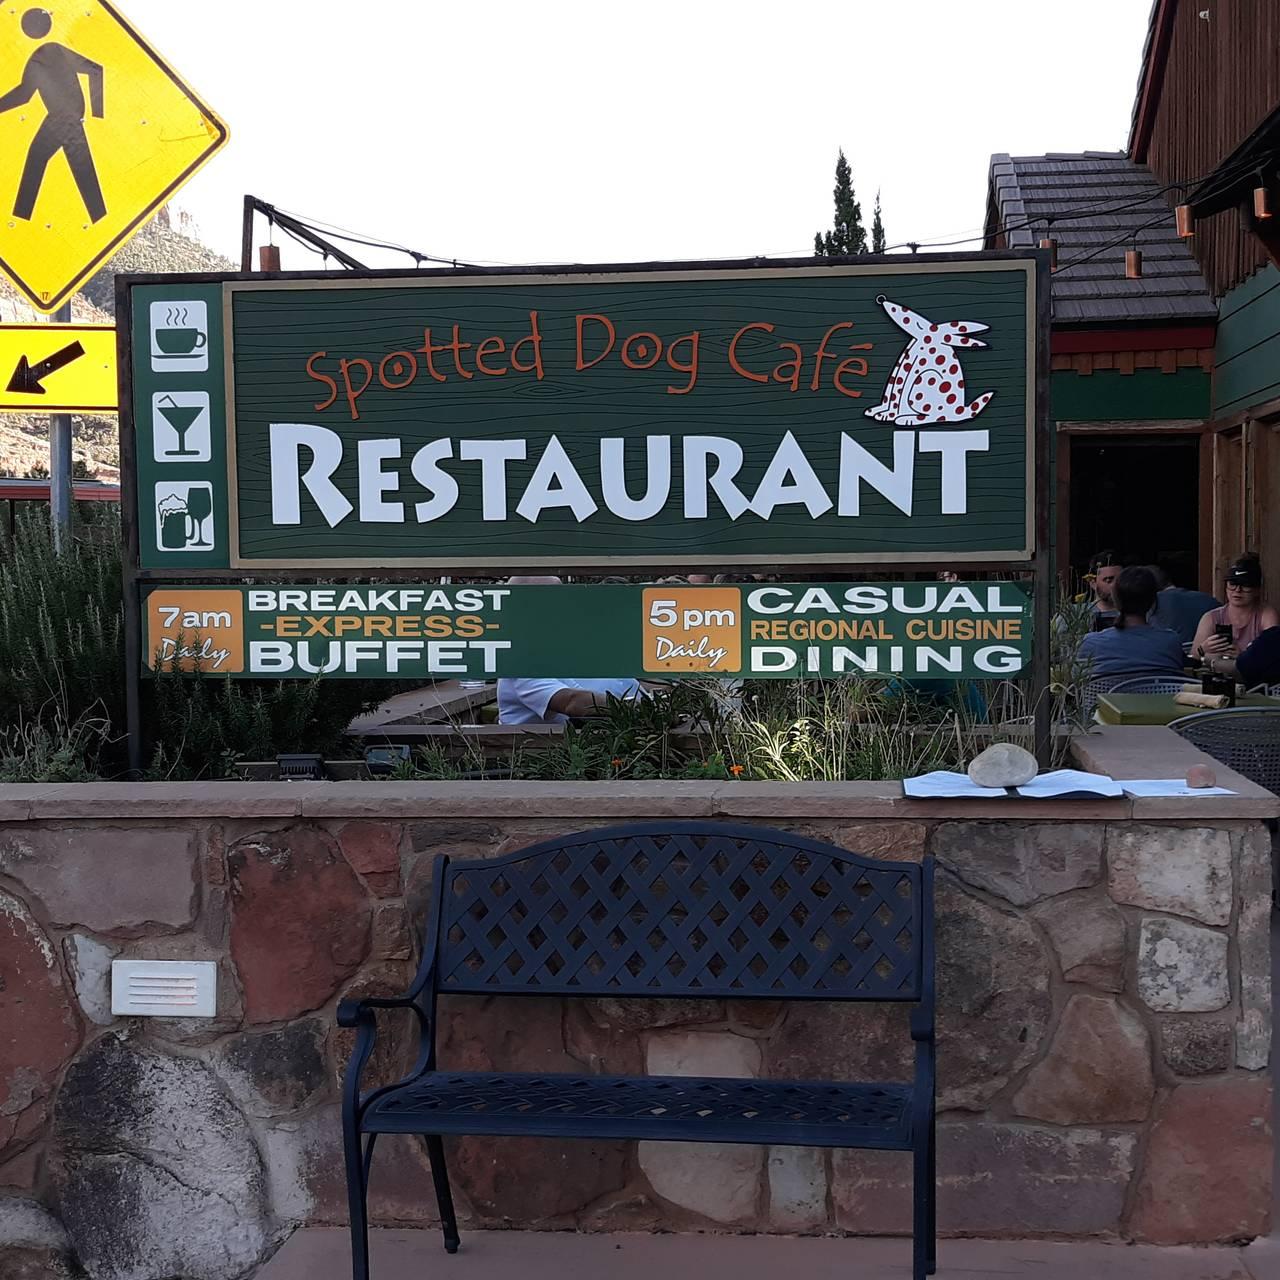 Spotted Dog Cafe Restaurant - Springdale, UT | OpenTable